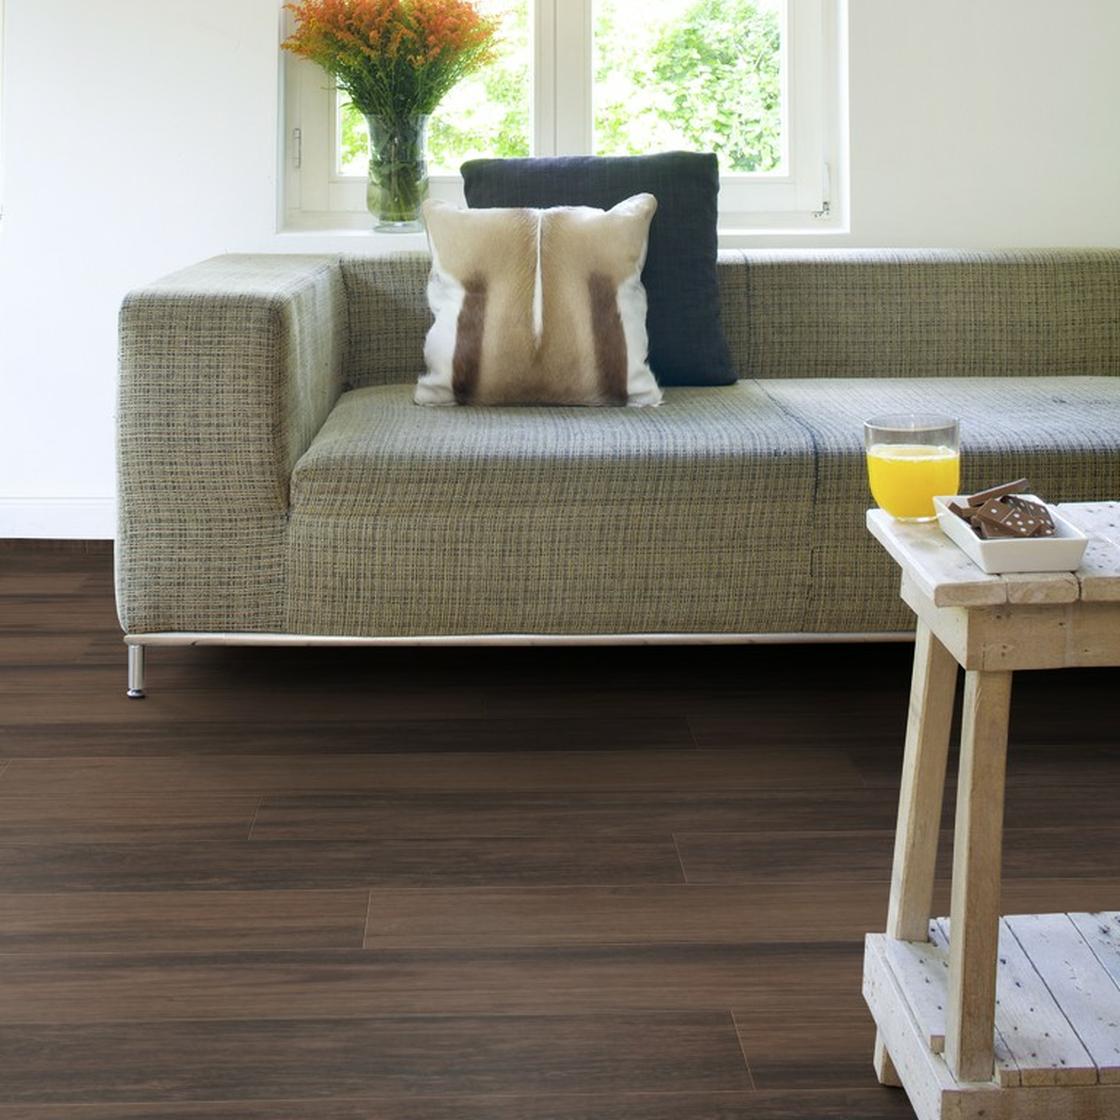 project floors pw 3038 55 floors work vinylboden designbodenbelag g nstig kaufen onlineshop. Black Bedroom Furniture Sets. Home Design Ideas